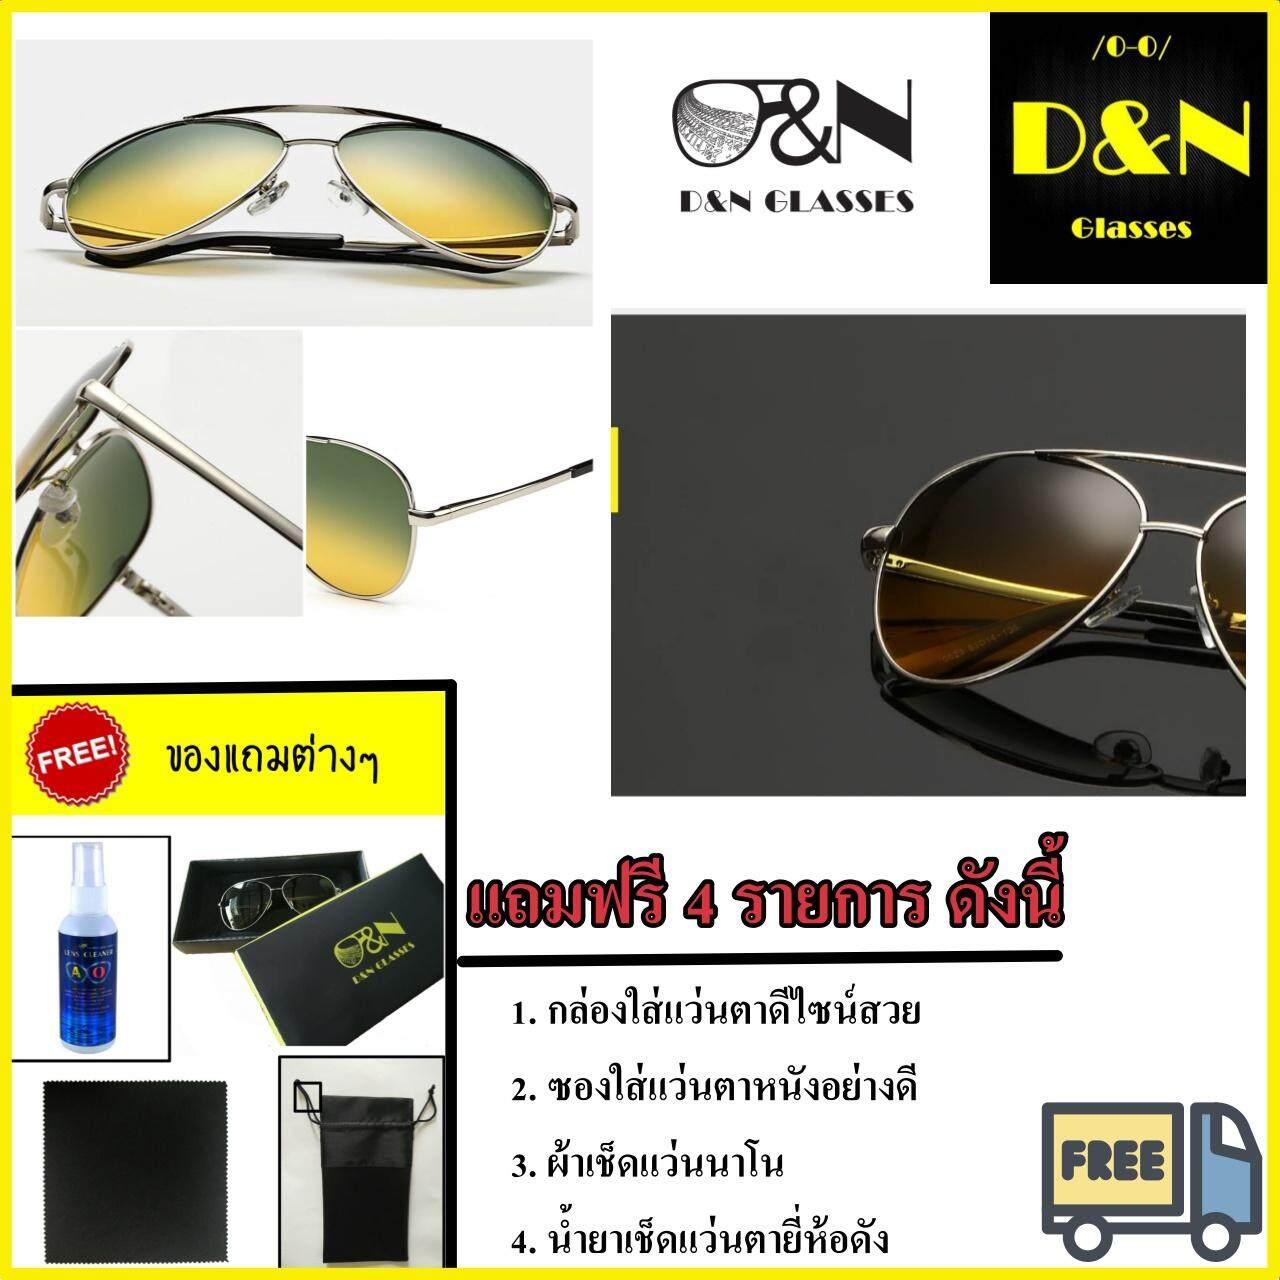 สุดยอดสินค้า!! แว่นตาขับรถกลางคืนและกลางวัน กันแดด D&N Glasses ของแท้ 100% จัดส่งฟรี kerry มีบริการเก็บเงินปลายทาง